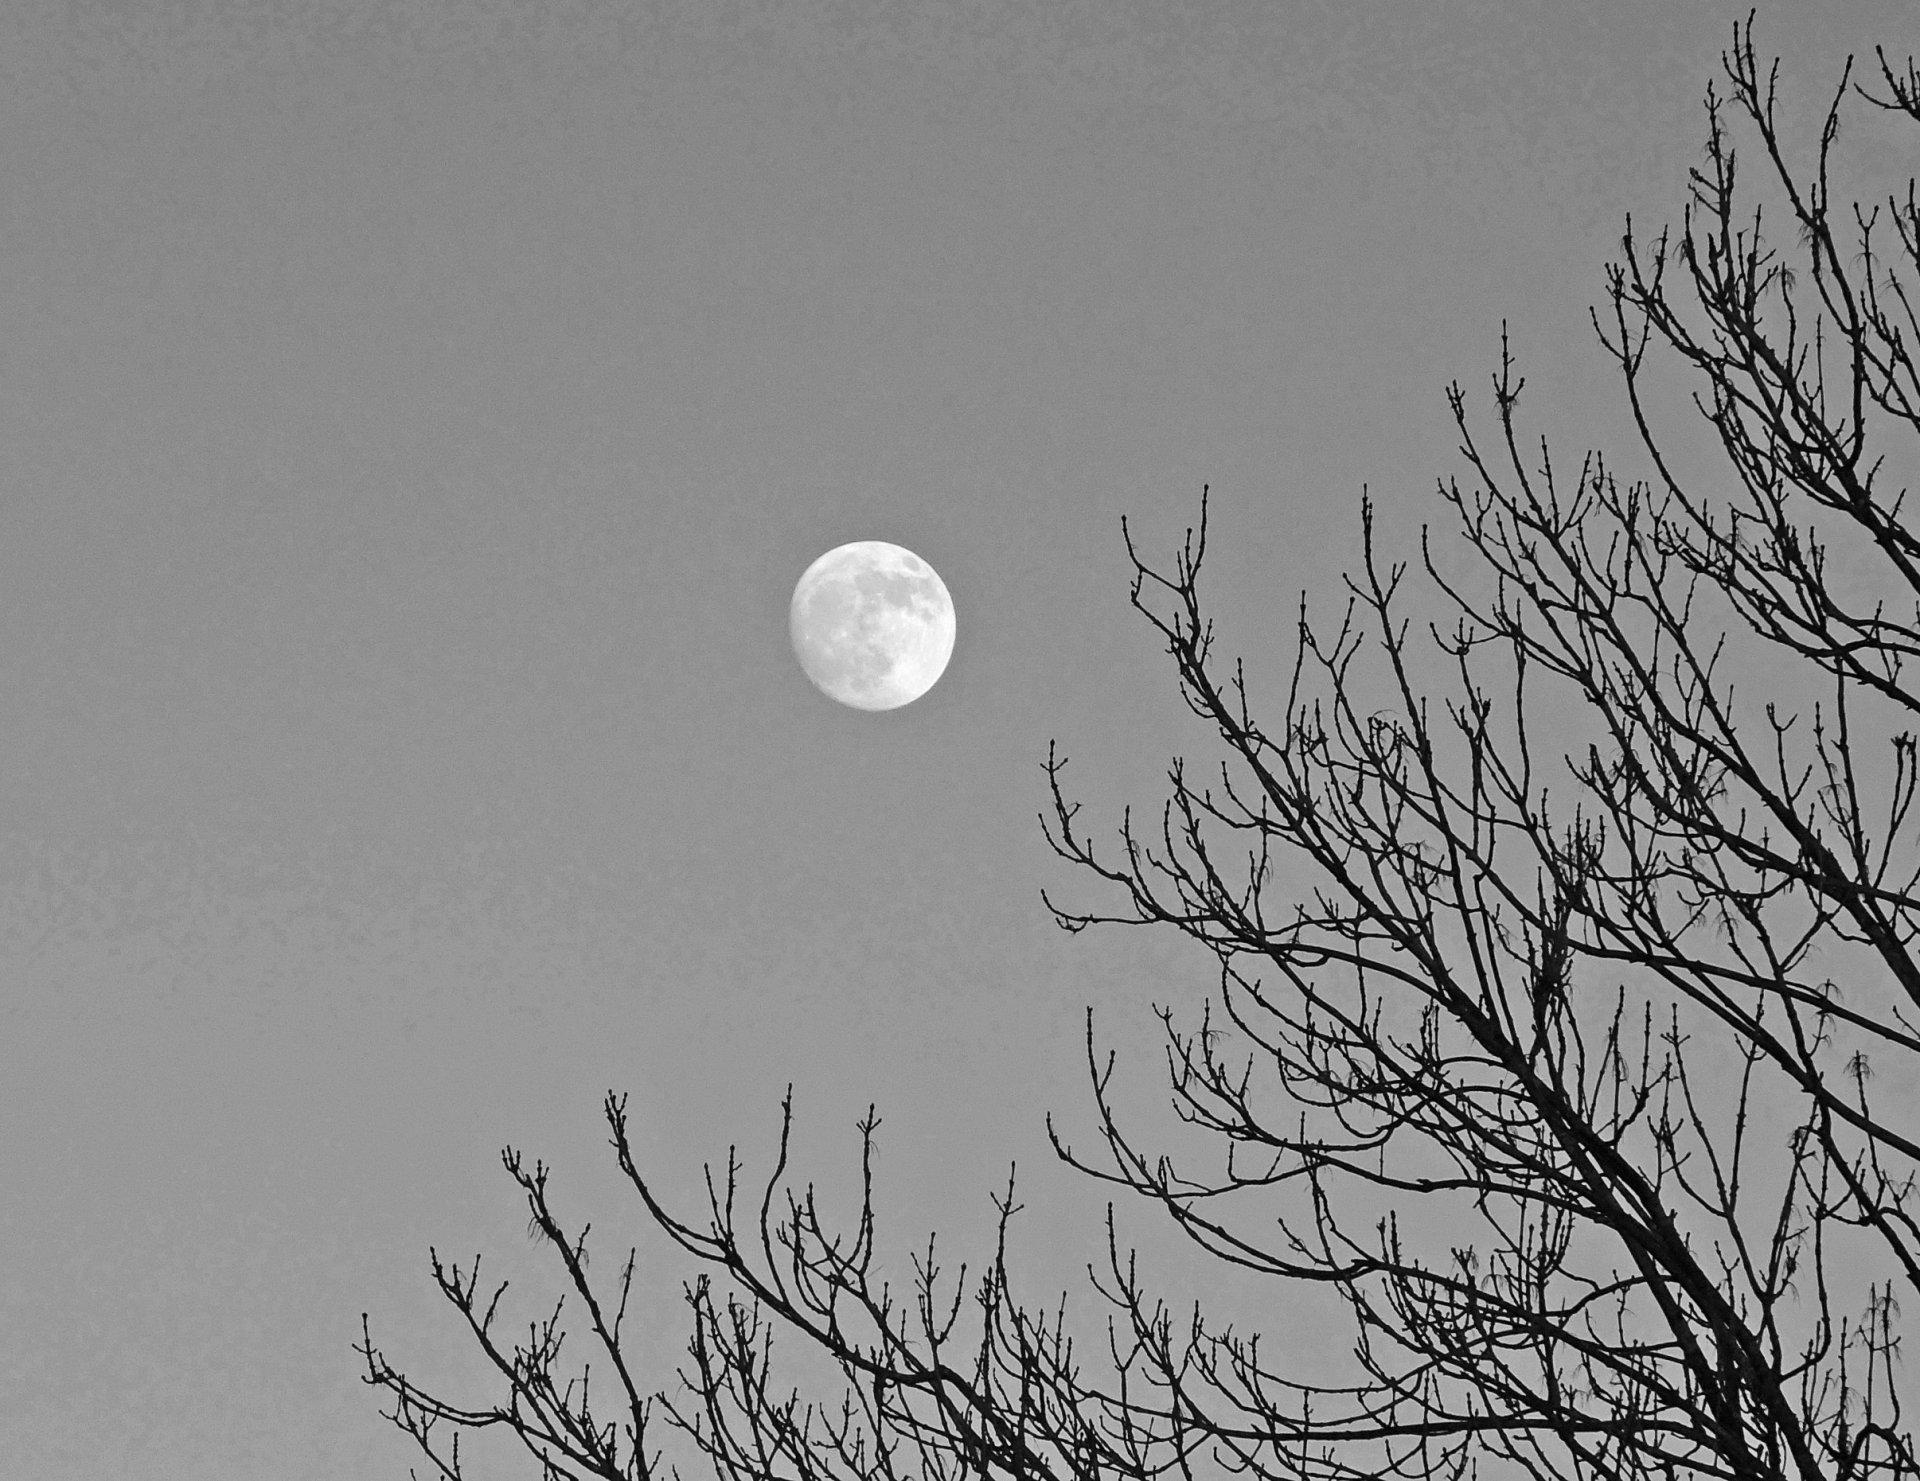 Mond - Kopie.jpg